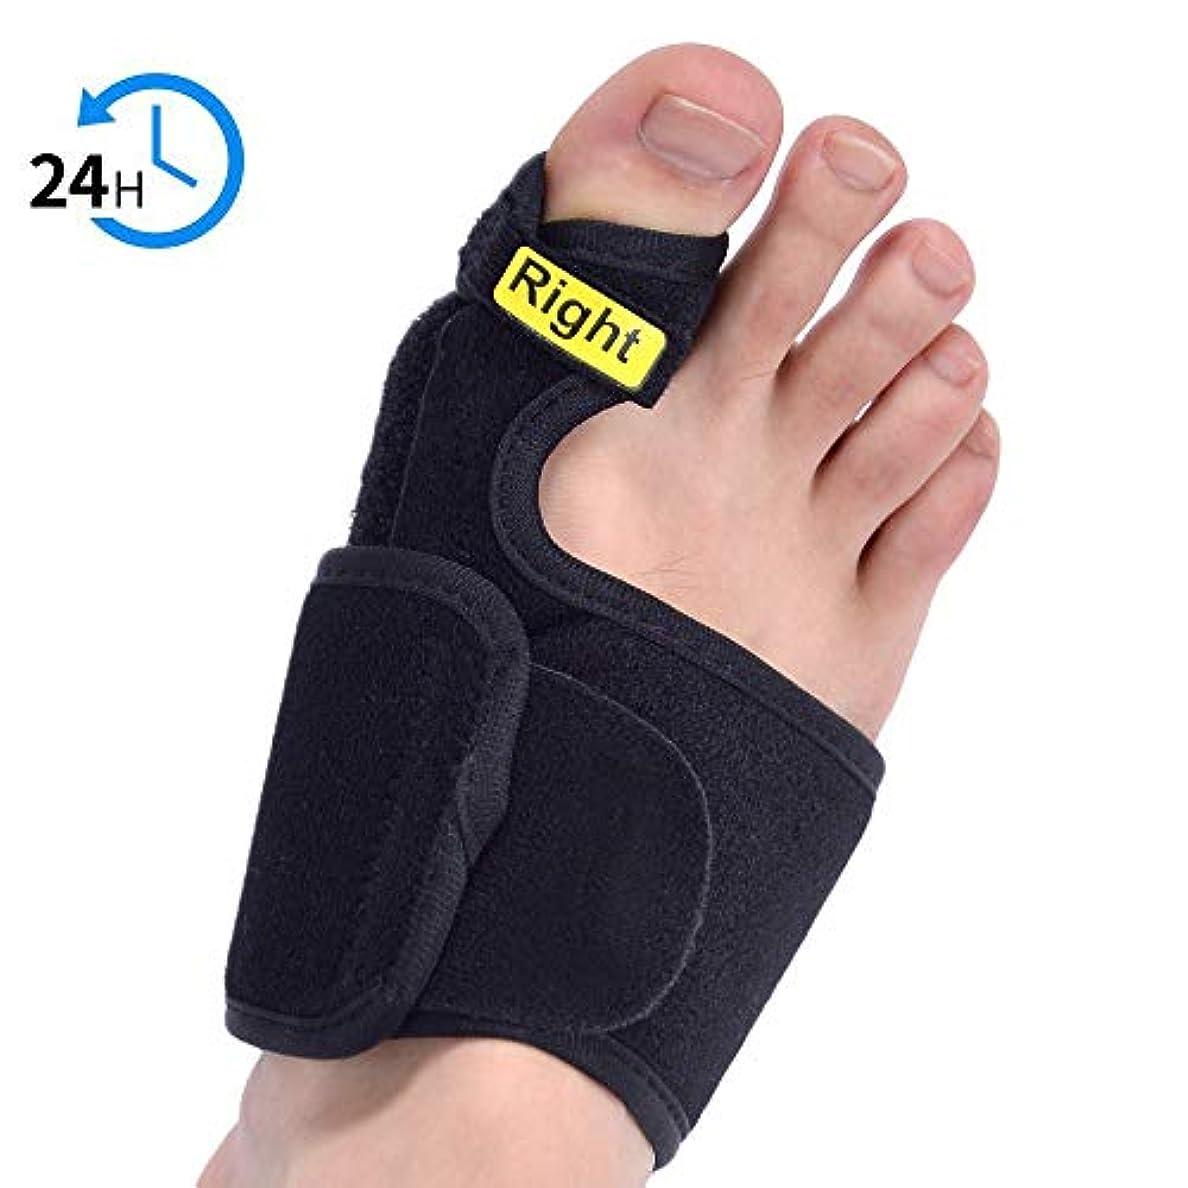 技術者争い経済的外反母趾矯正セット、外反母趾の昼間および夜間包帯つま先のを調整可能なショルダーストラップで疼痛1ペアを和らげる